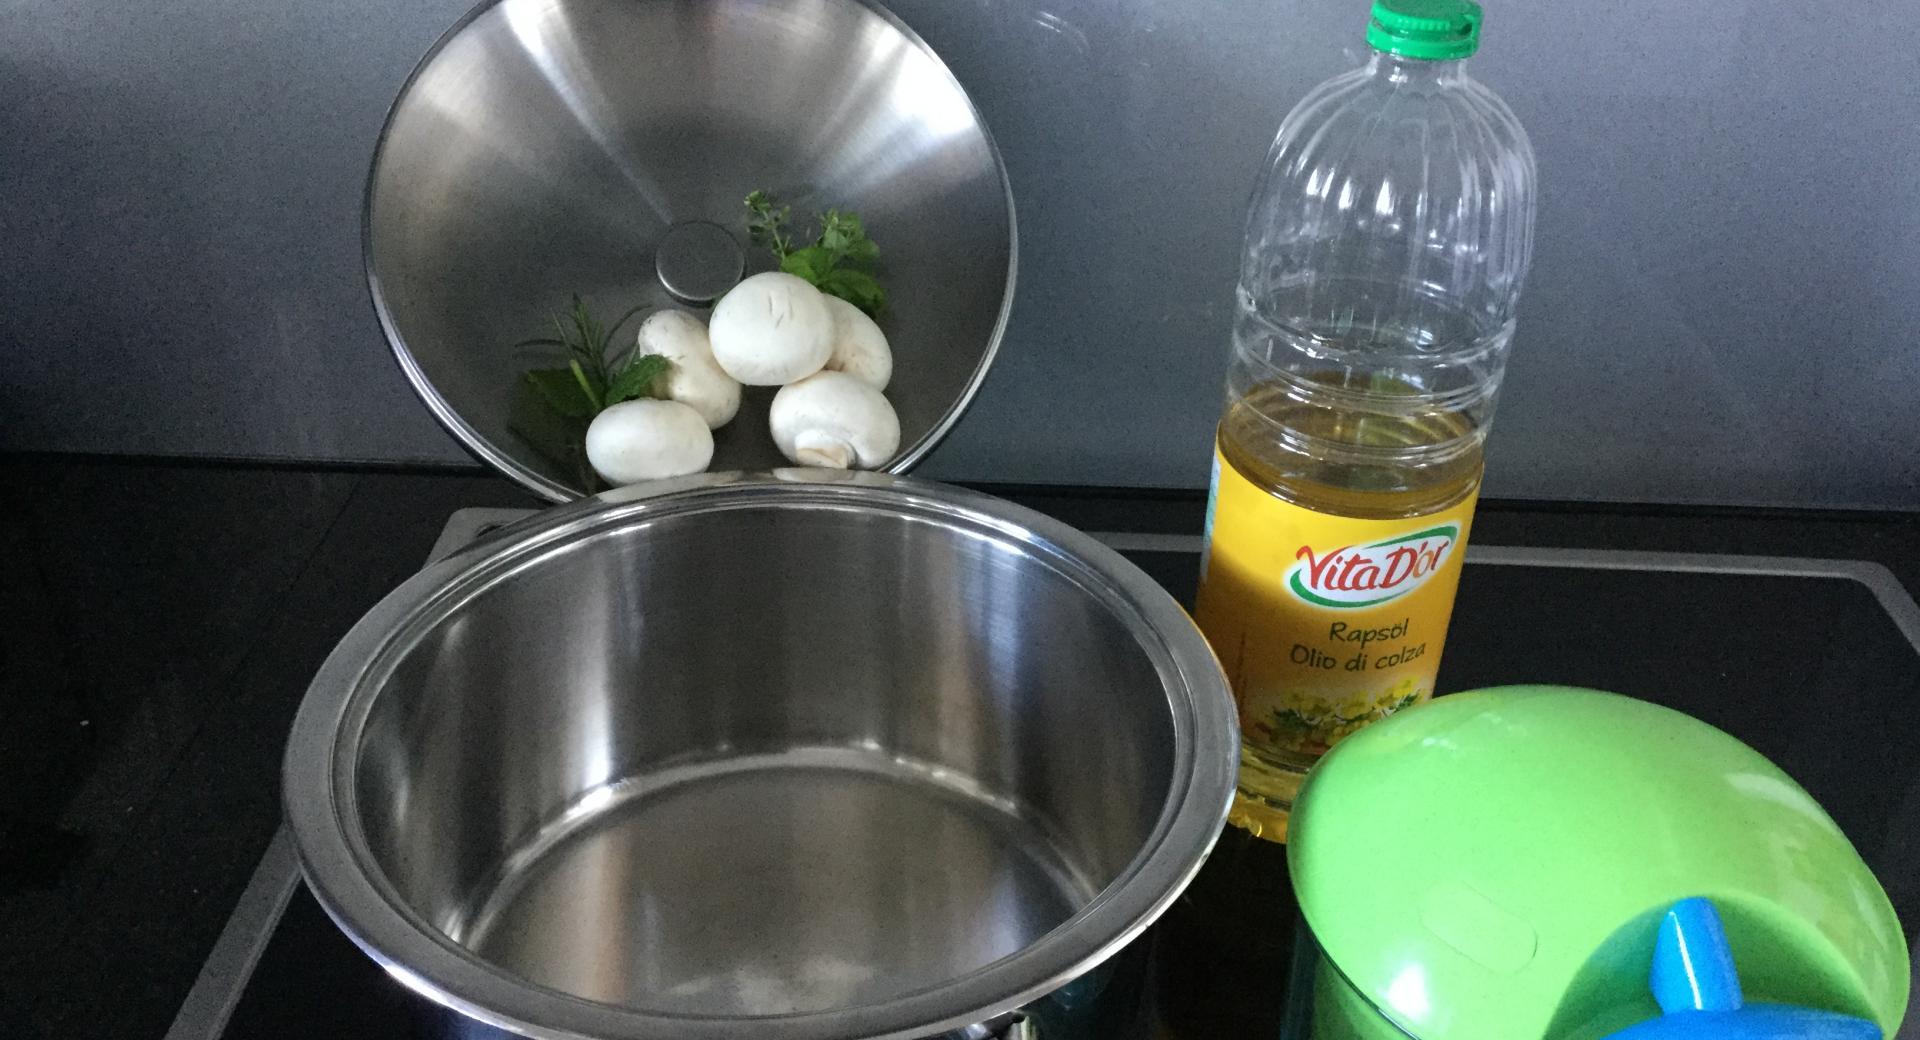 Pilze an grüner Sauce